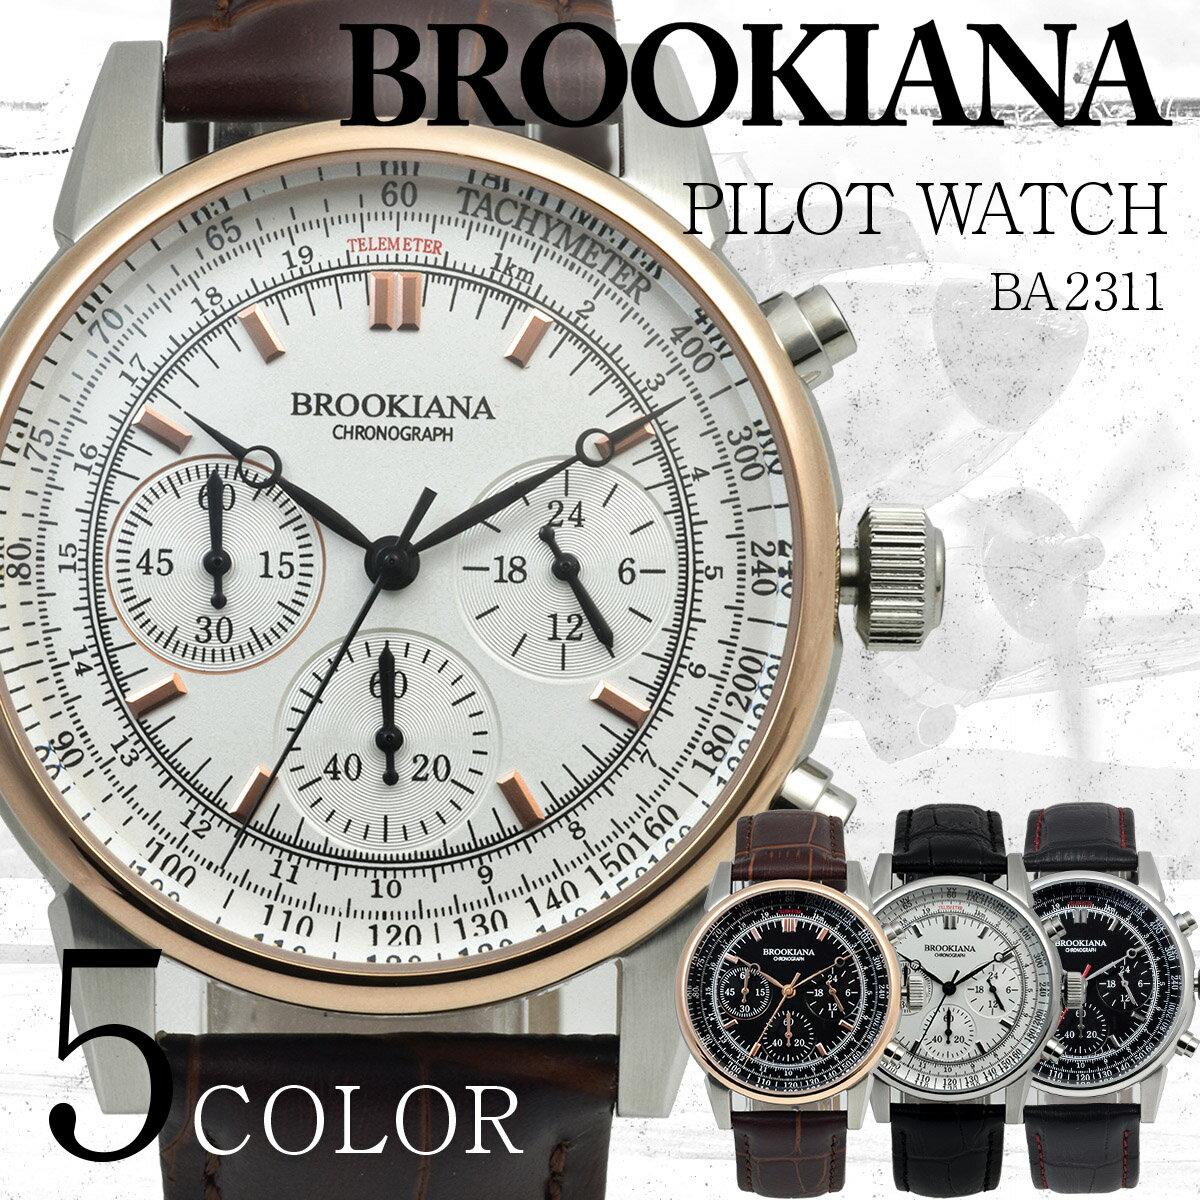 ブルッキアーナ BROOKIANA DOG FIGHTER ドッグファイター BA2311 メンズ 時計 腕時計 クオーツ クロノグラフ クラシカル アンティーク 革ベルト